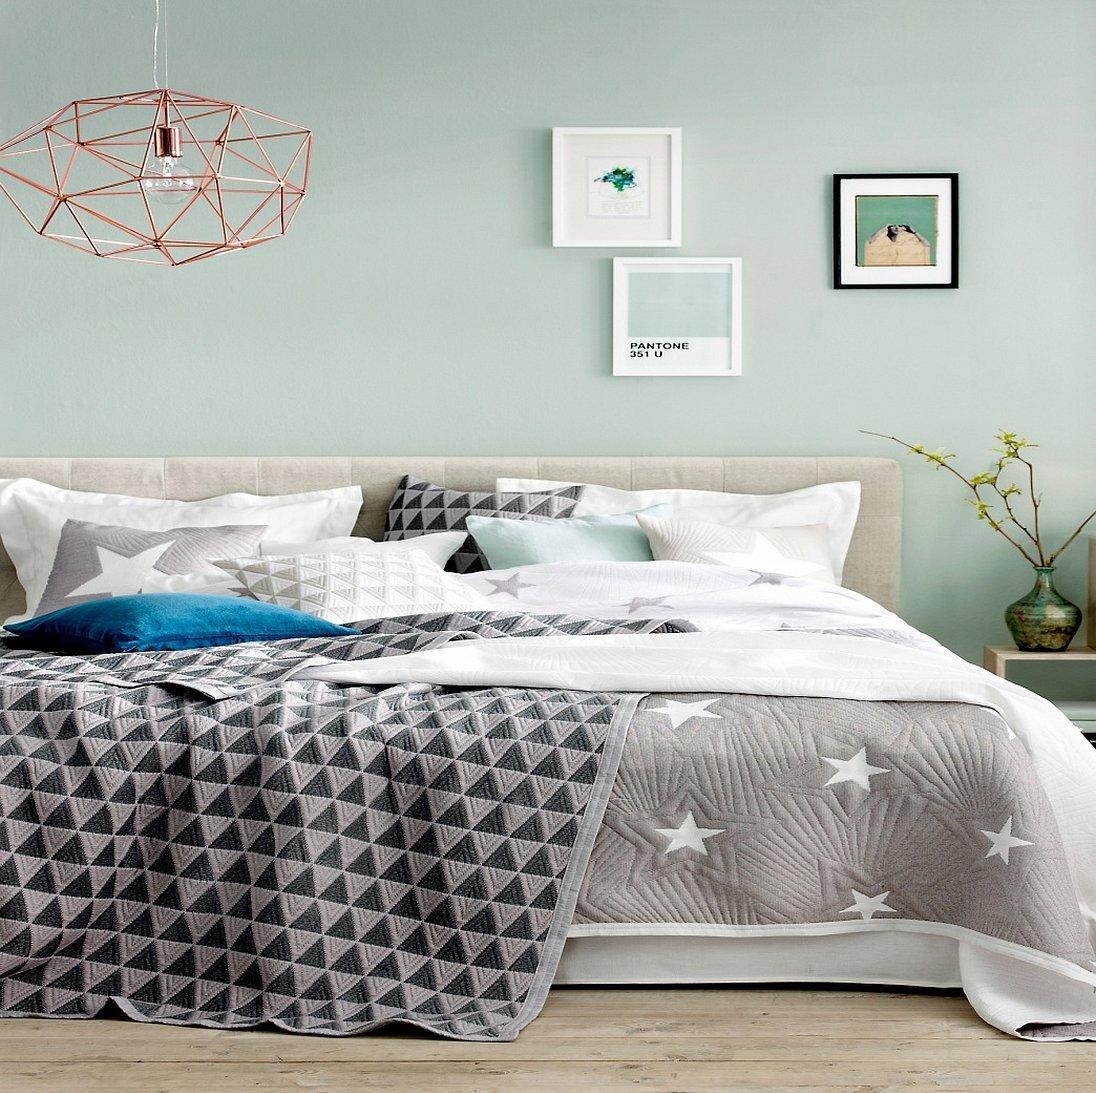 Пледы на кровать в скандинавском стиле